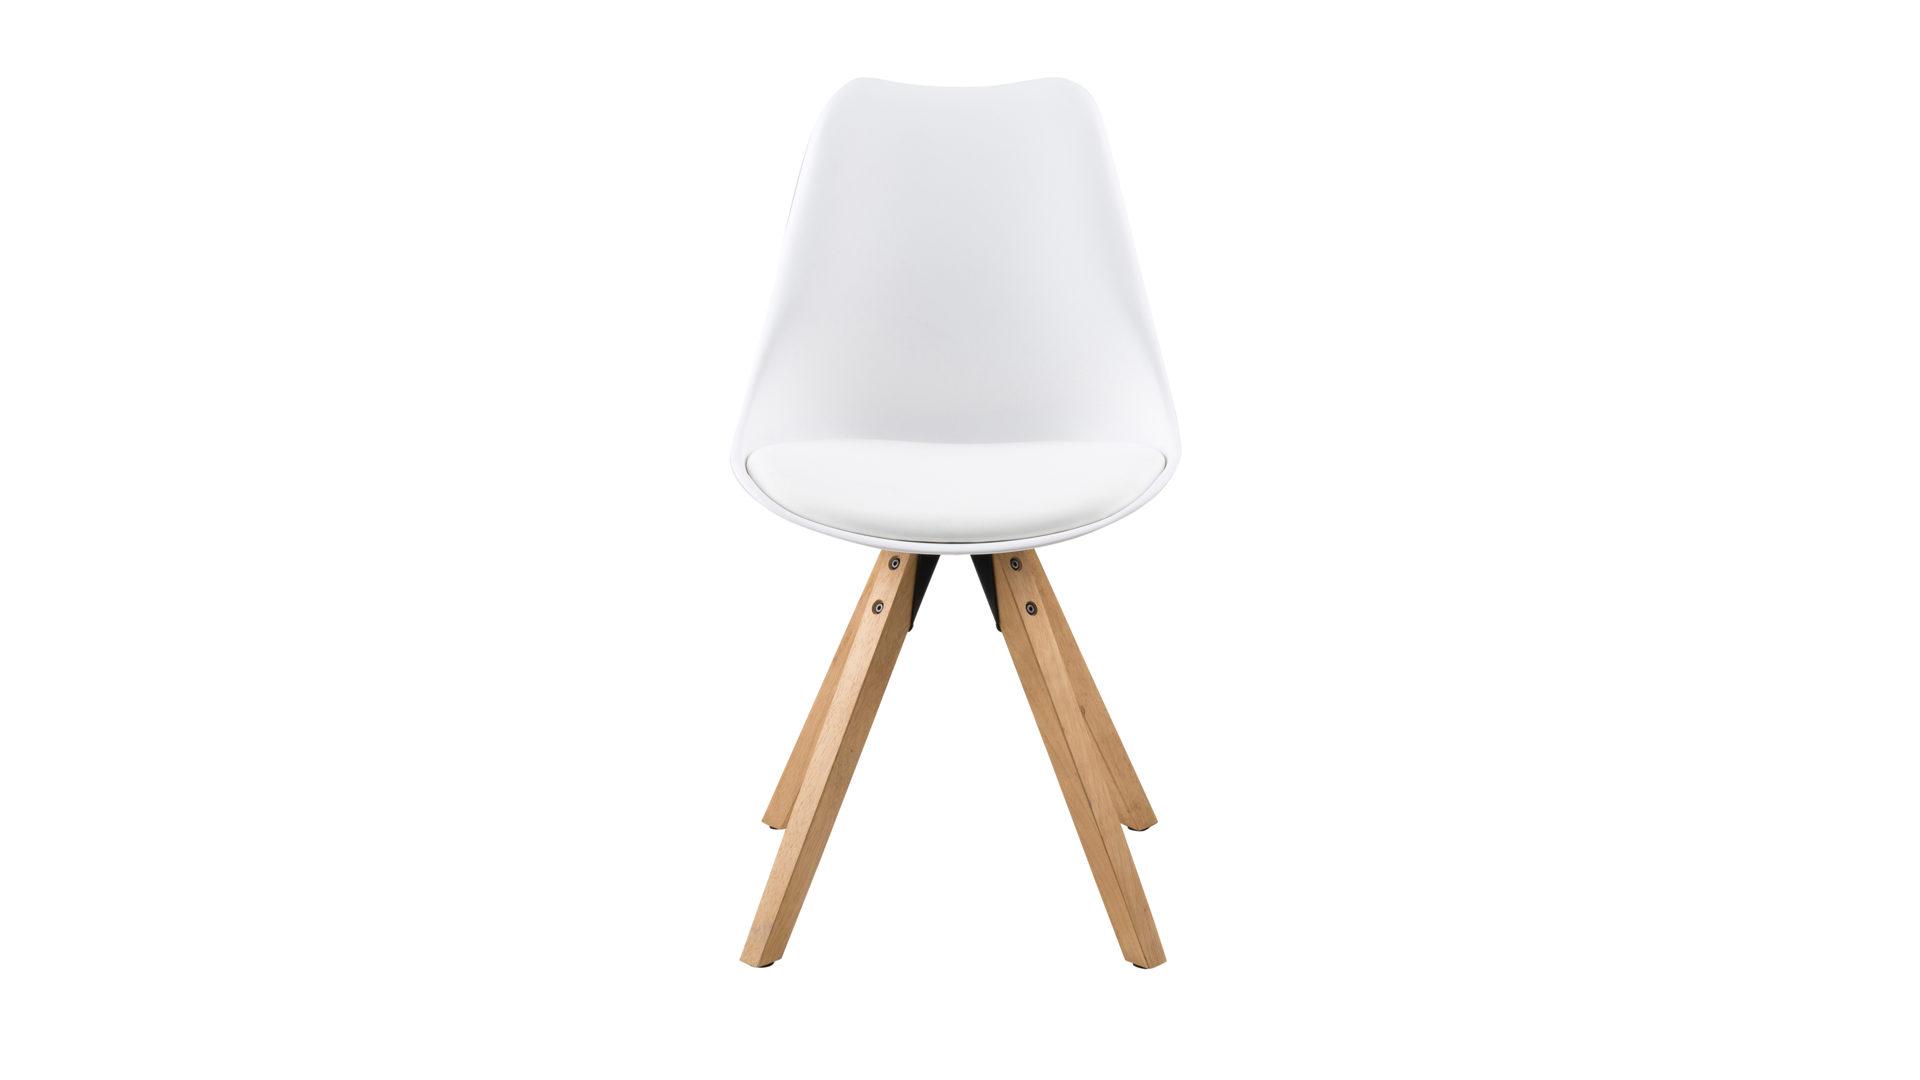 Stühle weiß kunstleder  Wohnland Breitwieser | Startseite | Stuhl im Retro-Look | in Weiß ...